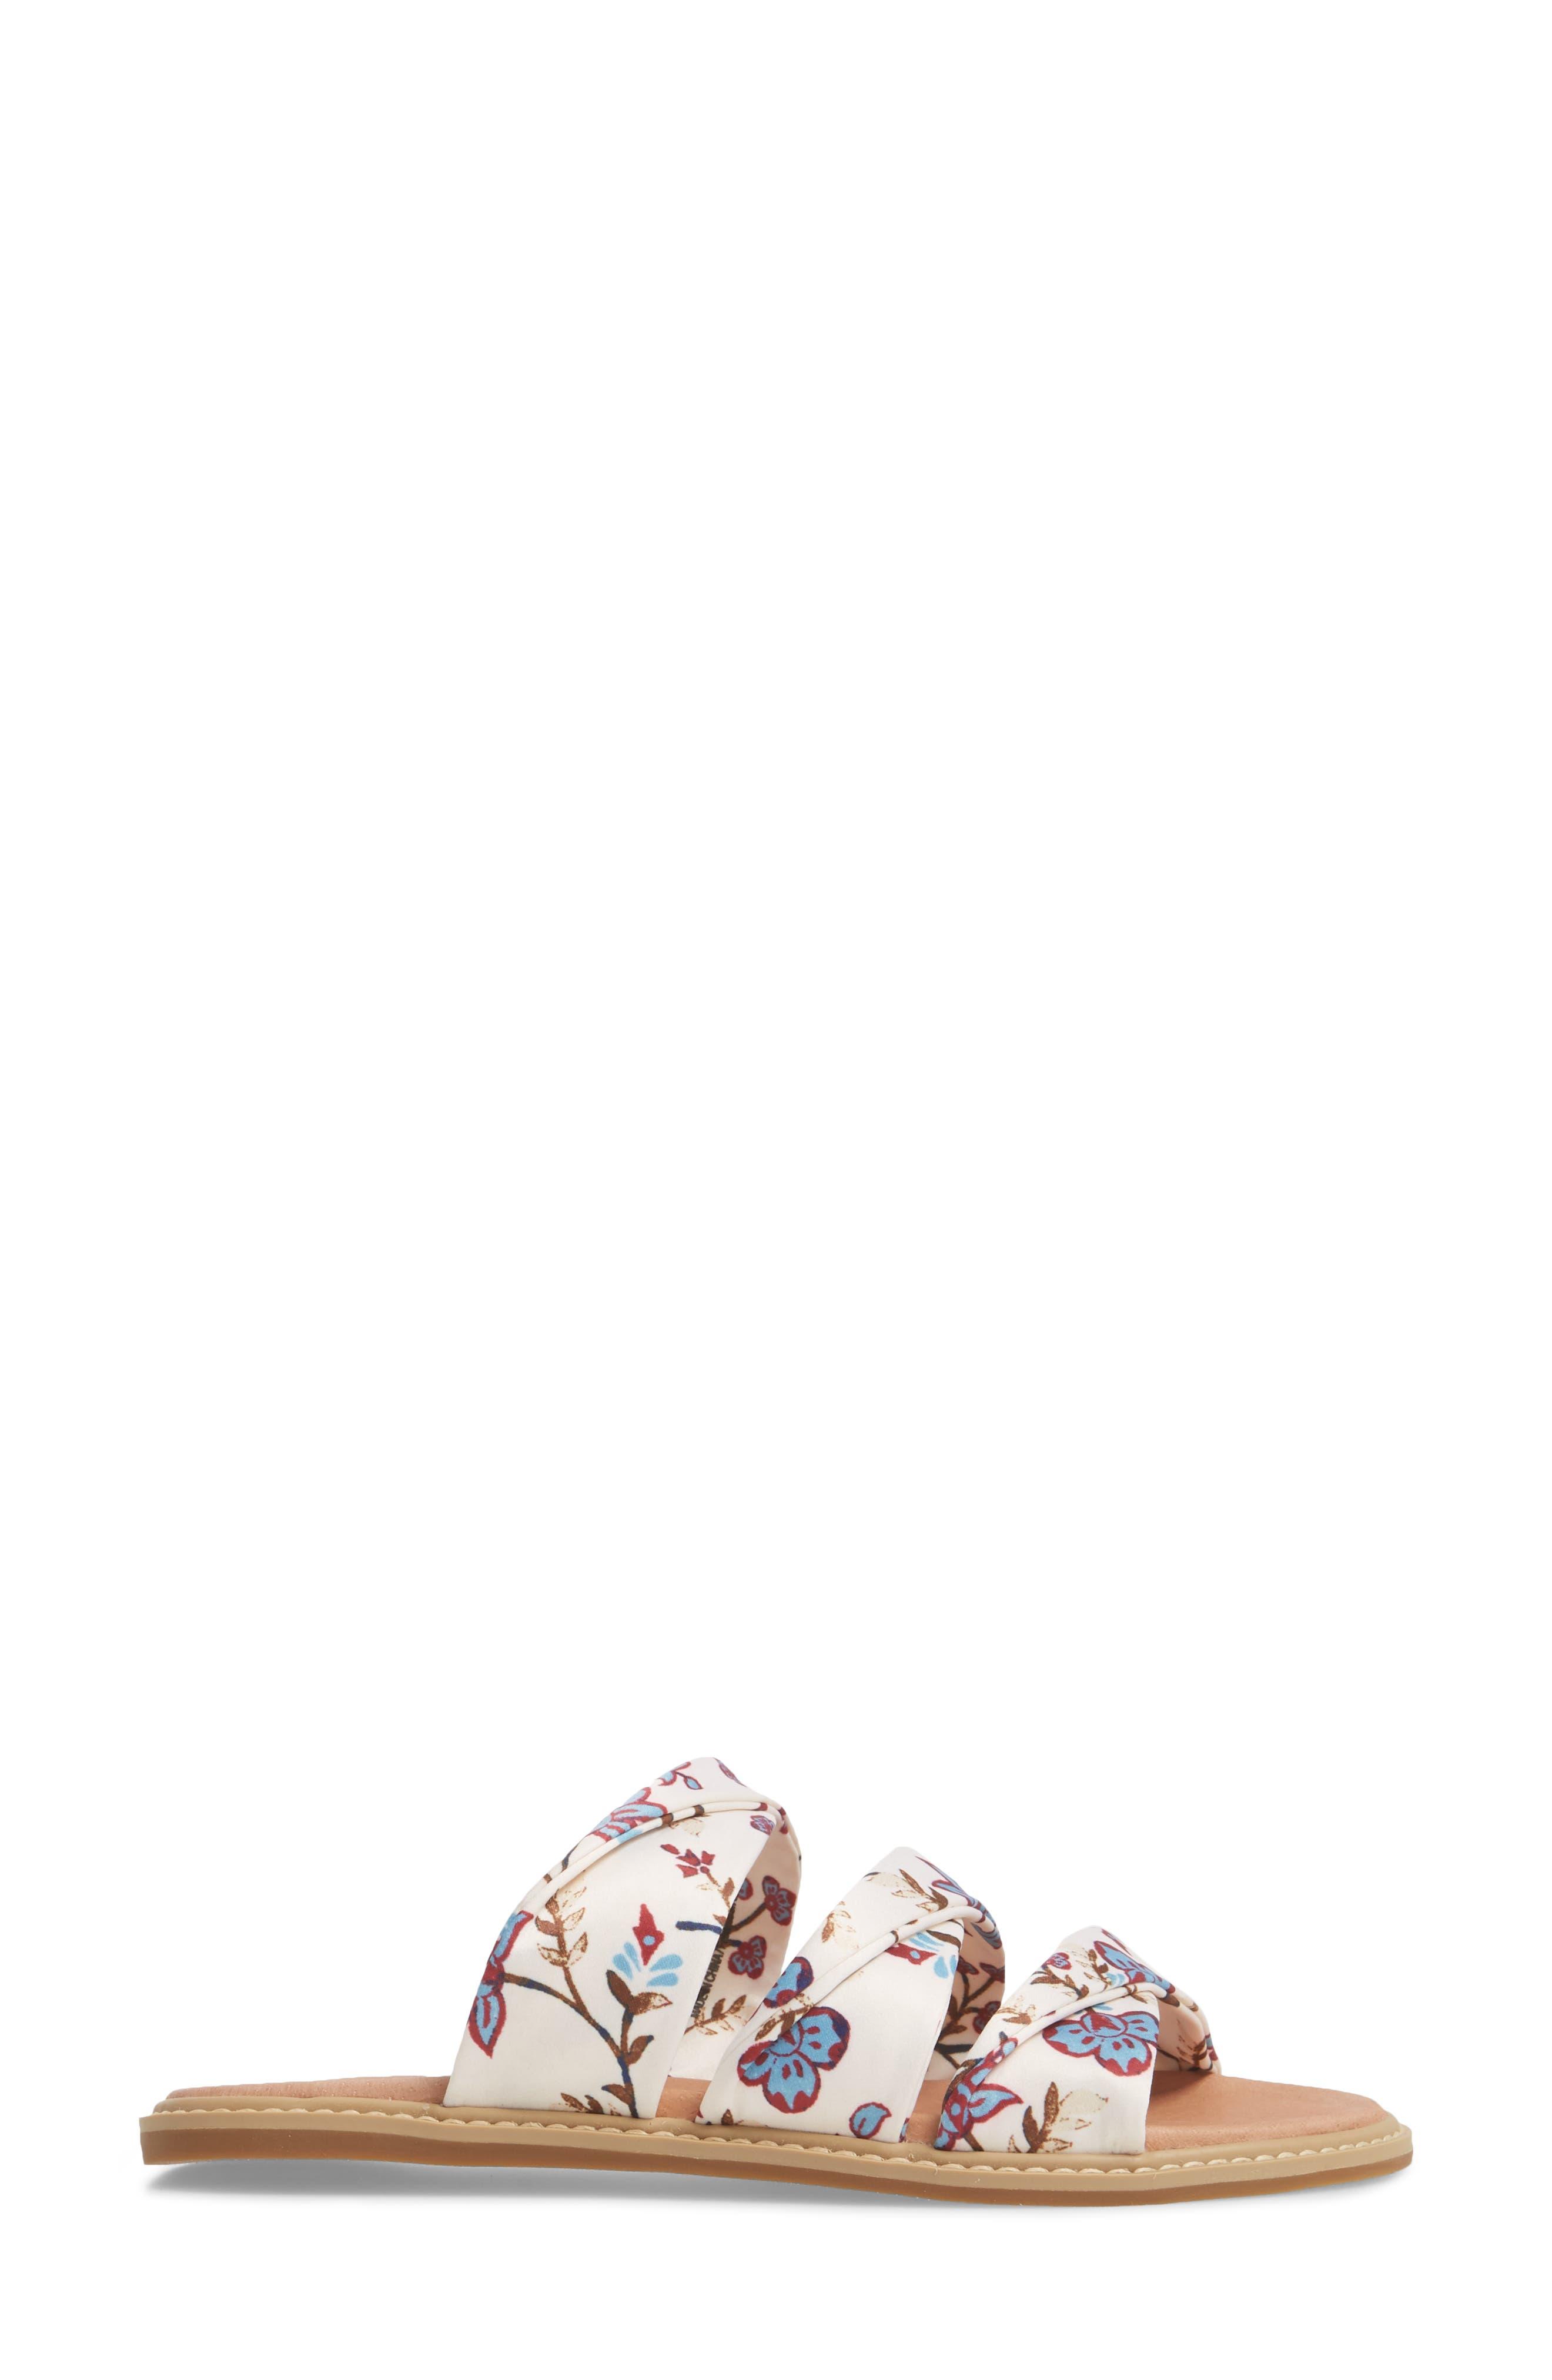 Cooper Slide Sandal,                             Alternate thumbnail 3, color,                             White Agrestic Fabric